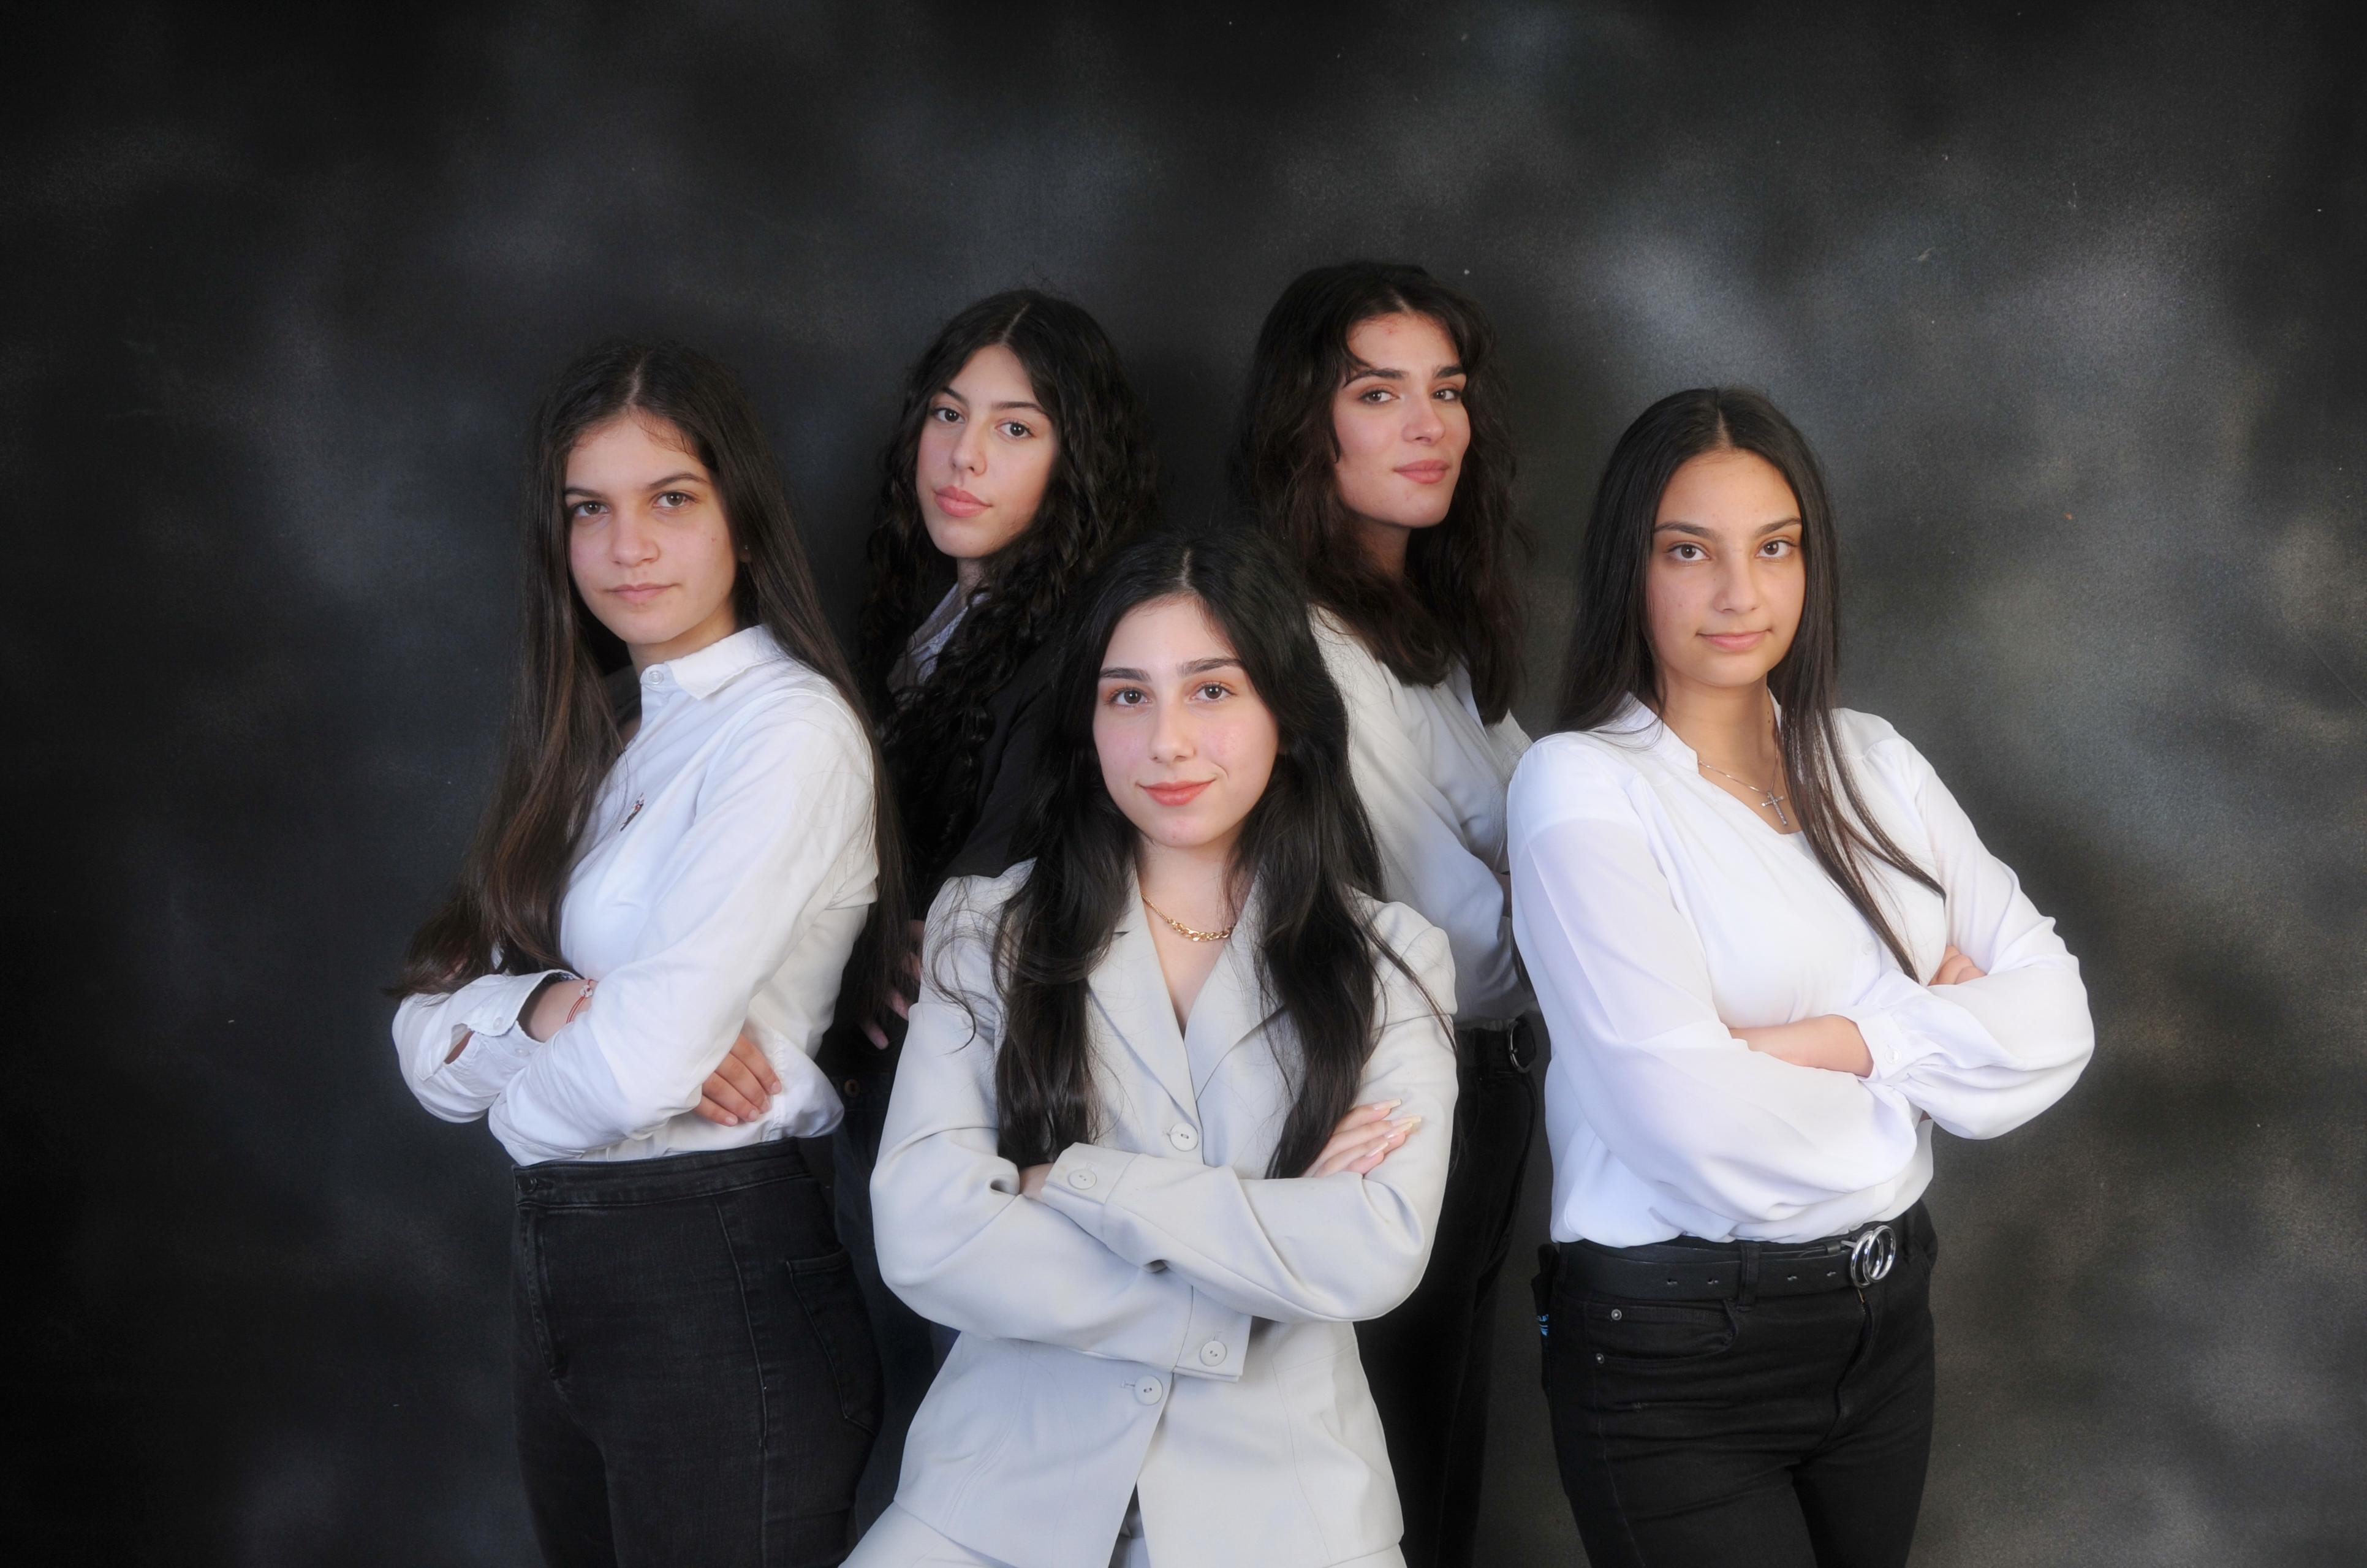 Στον παγκόσμιο επιχειρηματικό διαγωνισμό Junior Achievement Cyprus μαθητική επιχείρηση